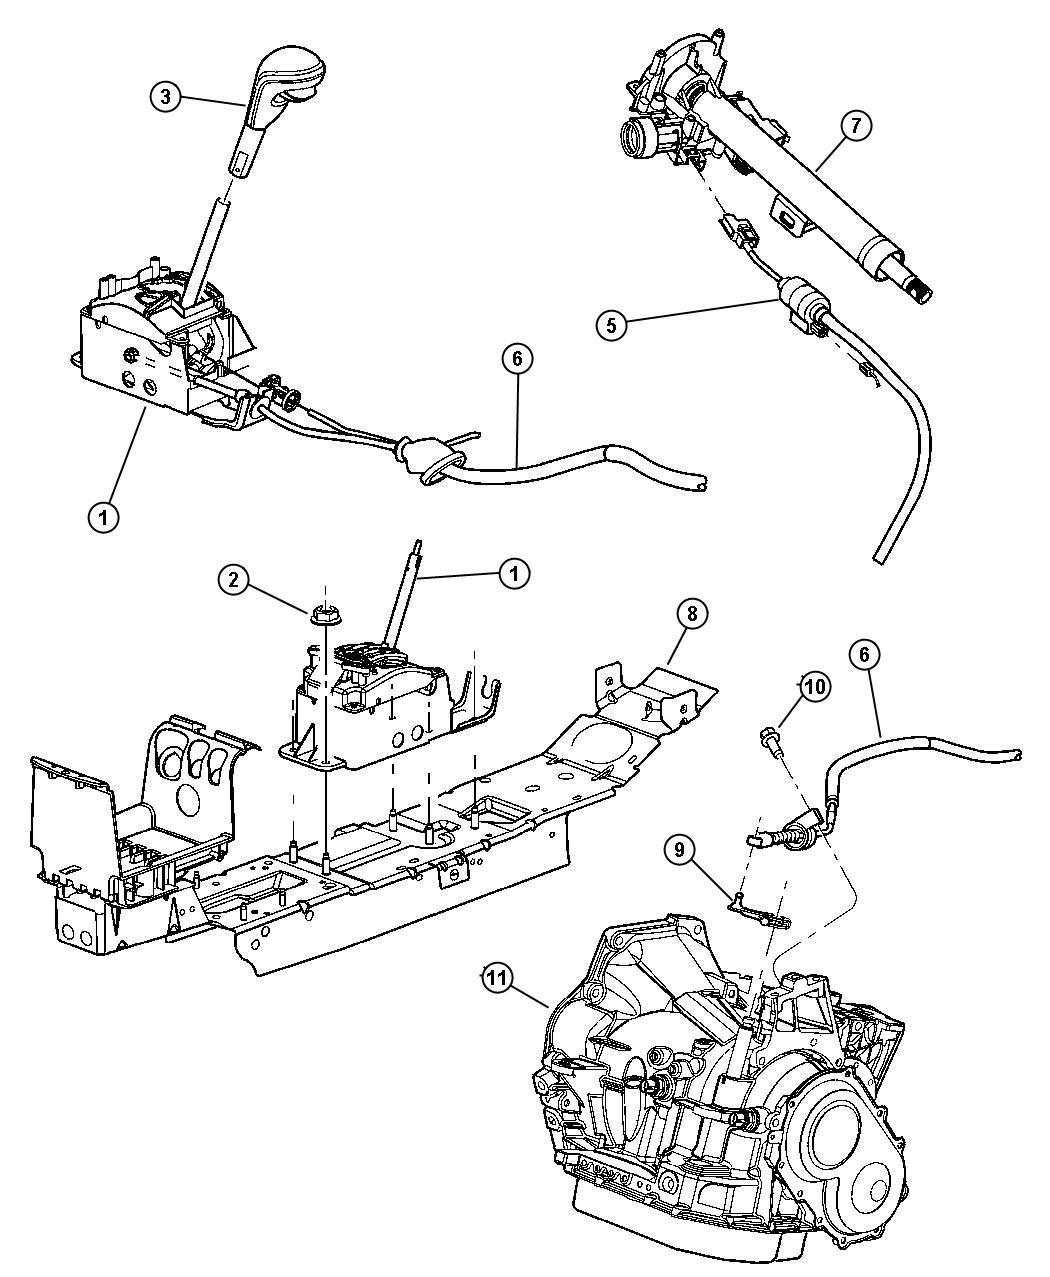 Dodge Stratus Cable. Ignition interlock. Controls